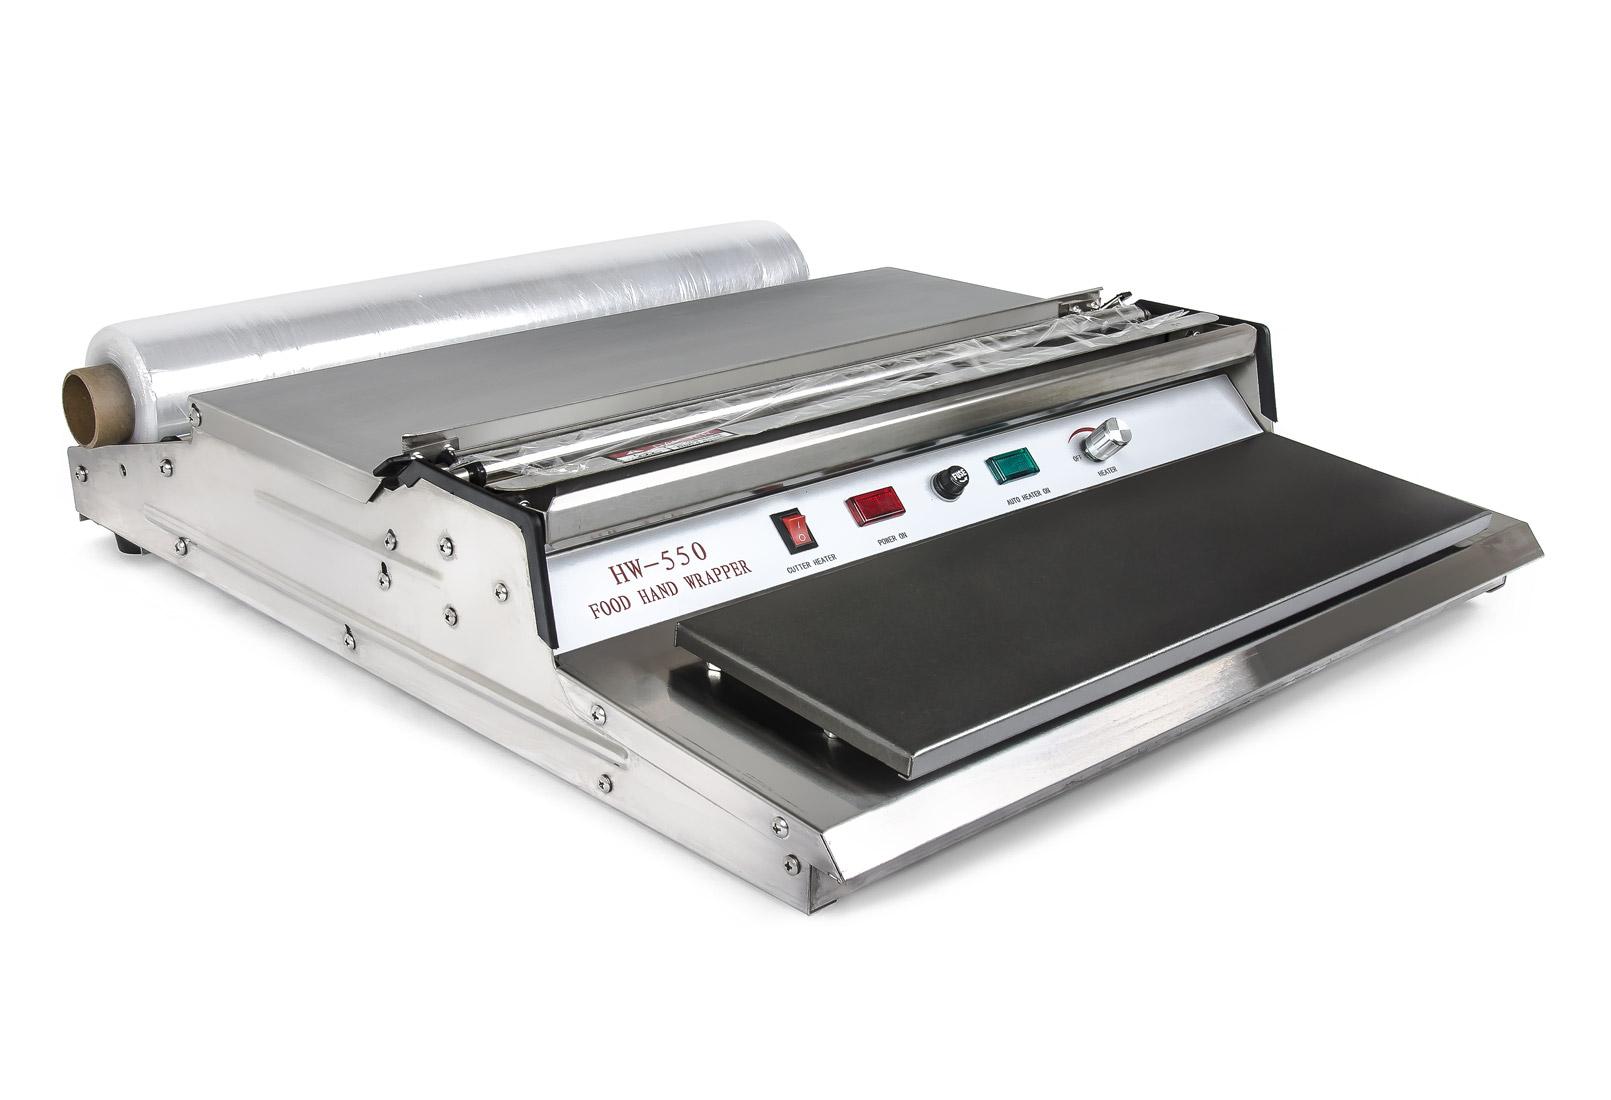 Ruční balící pult HW-550 pro průtažné stretch fólie s tavnou lištou